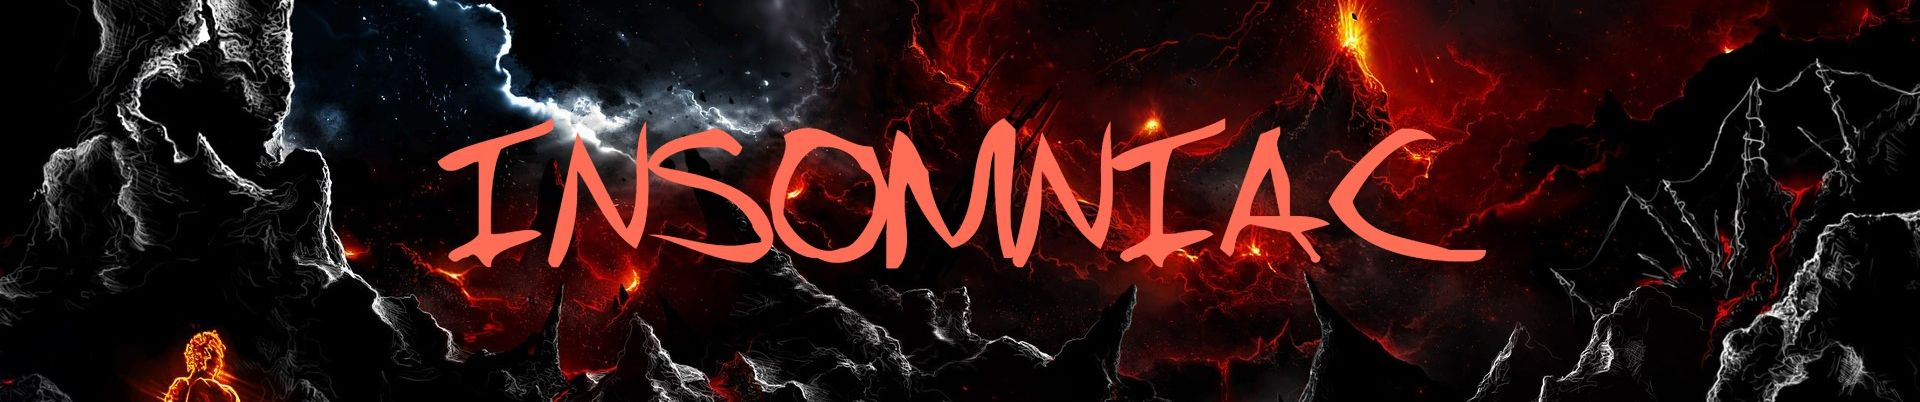 INSOMNIAC - Welcome To My Reign [Prod  MALVADO] by Insomniac   Free